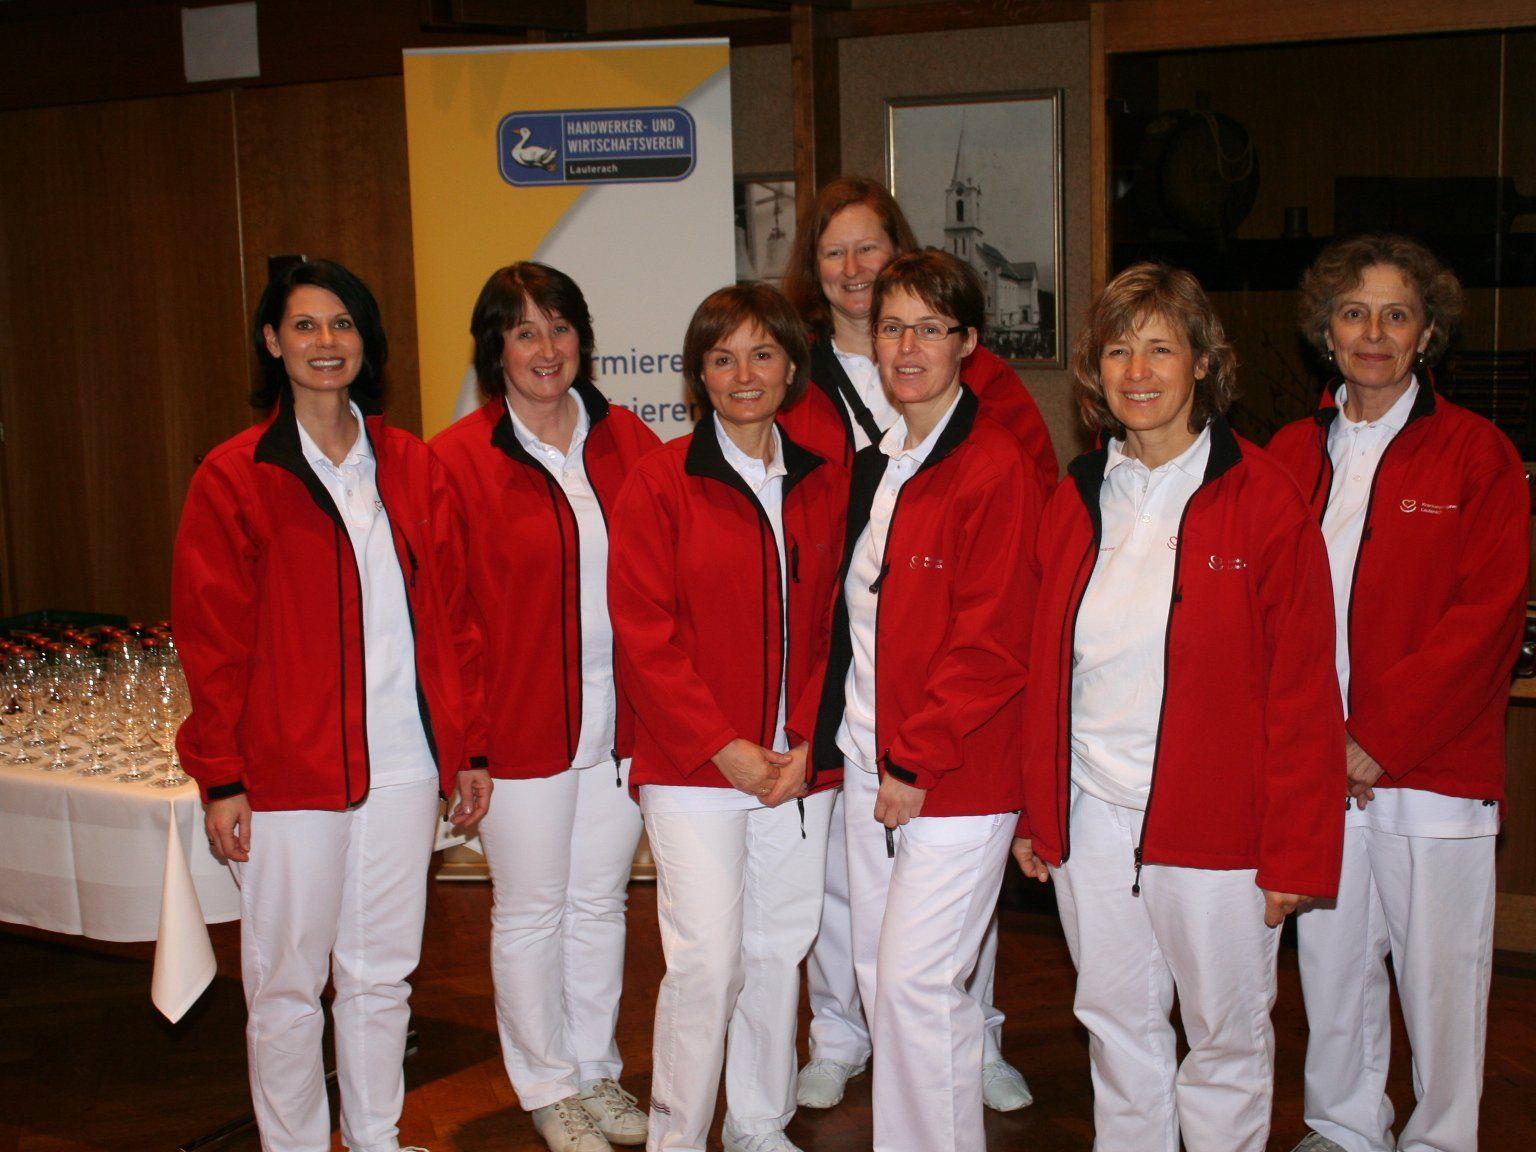 Arbeit der Krankenpflegerinnen und -pfleger wurde gefeiert